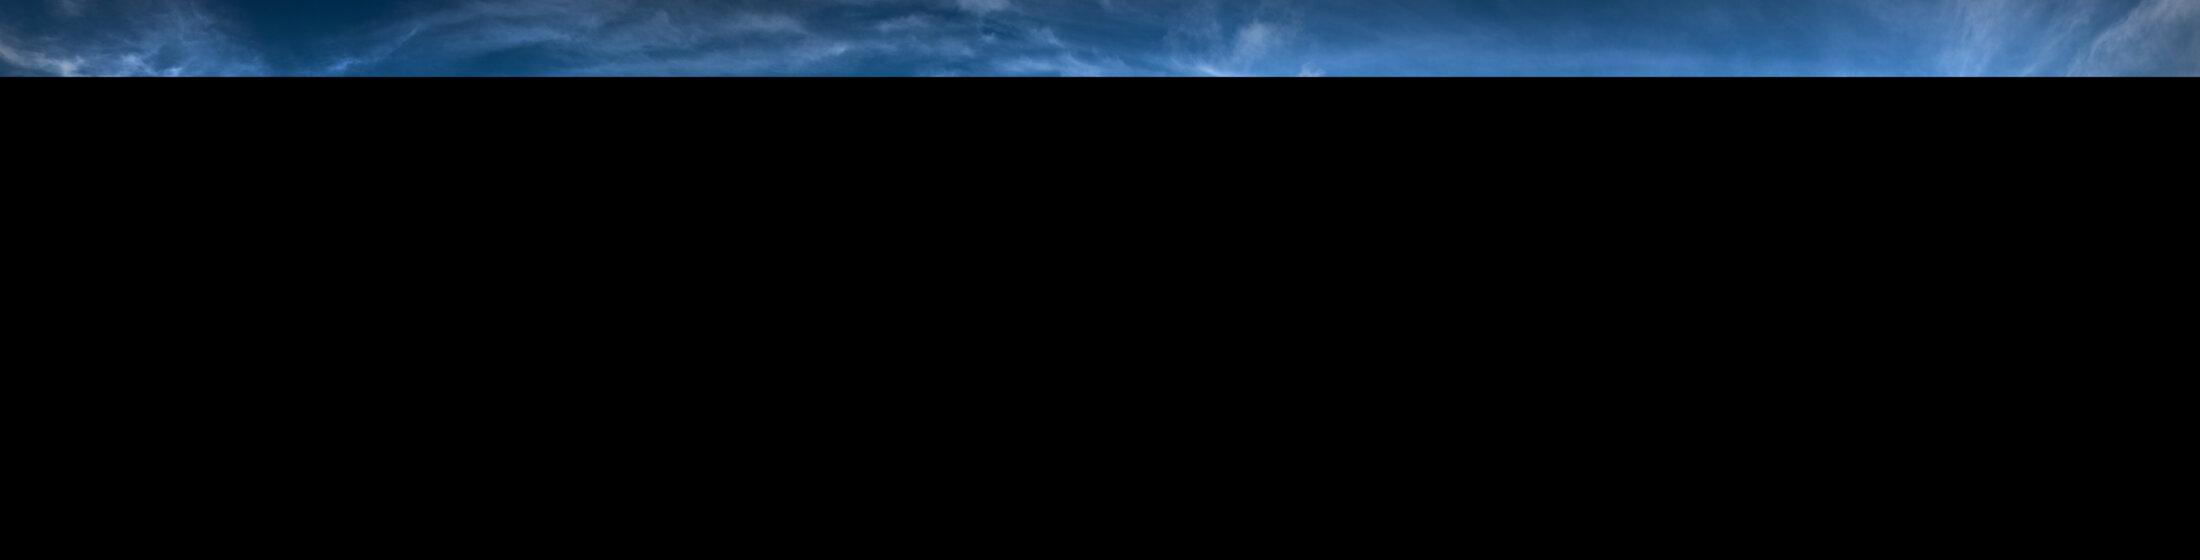 Unbenanntes Panorama2